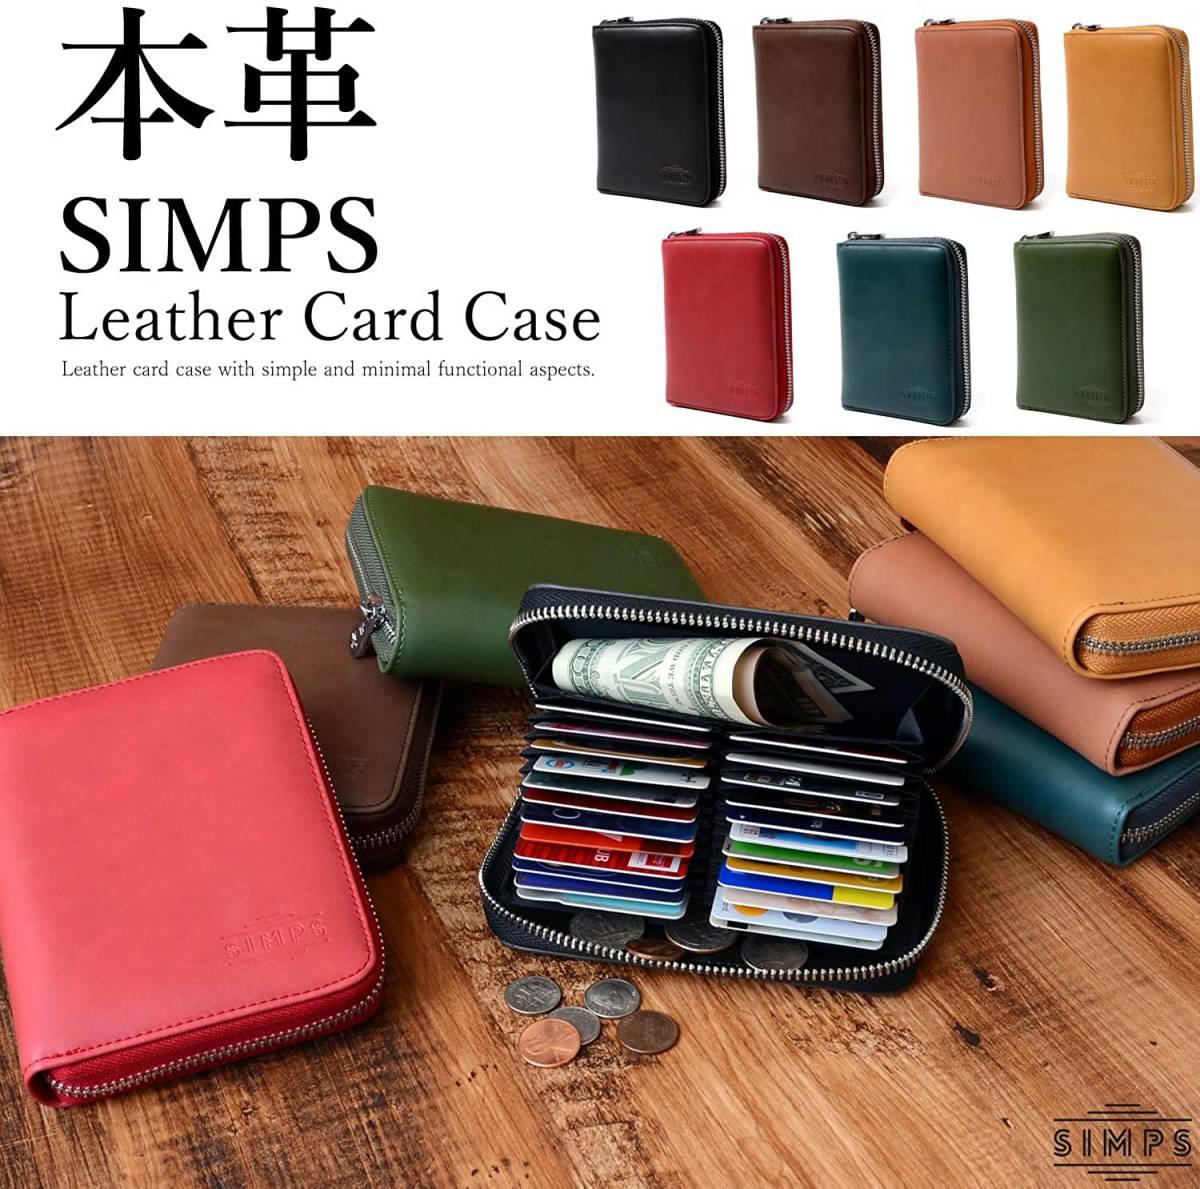 【送料無料】【SIMPS】カードケース 大容量 スキミング カードホルダー 名刺入れ カード収納 牛本革 磁気防止 48枚収納 イエロー 黄色